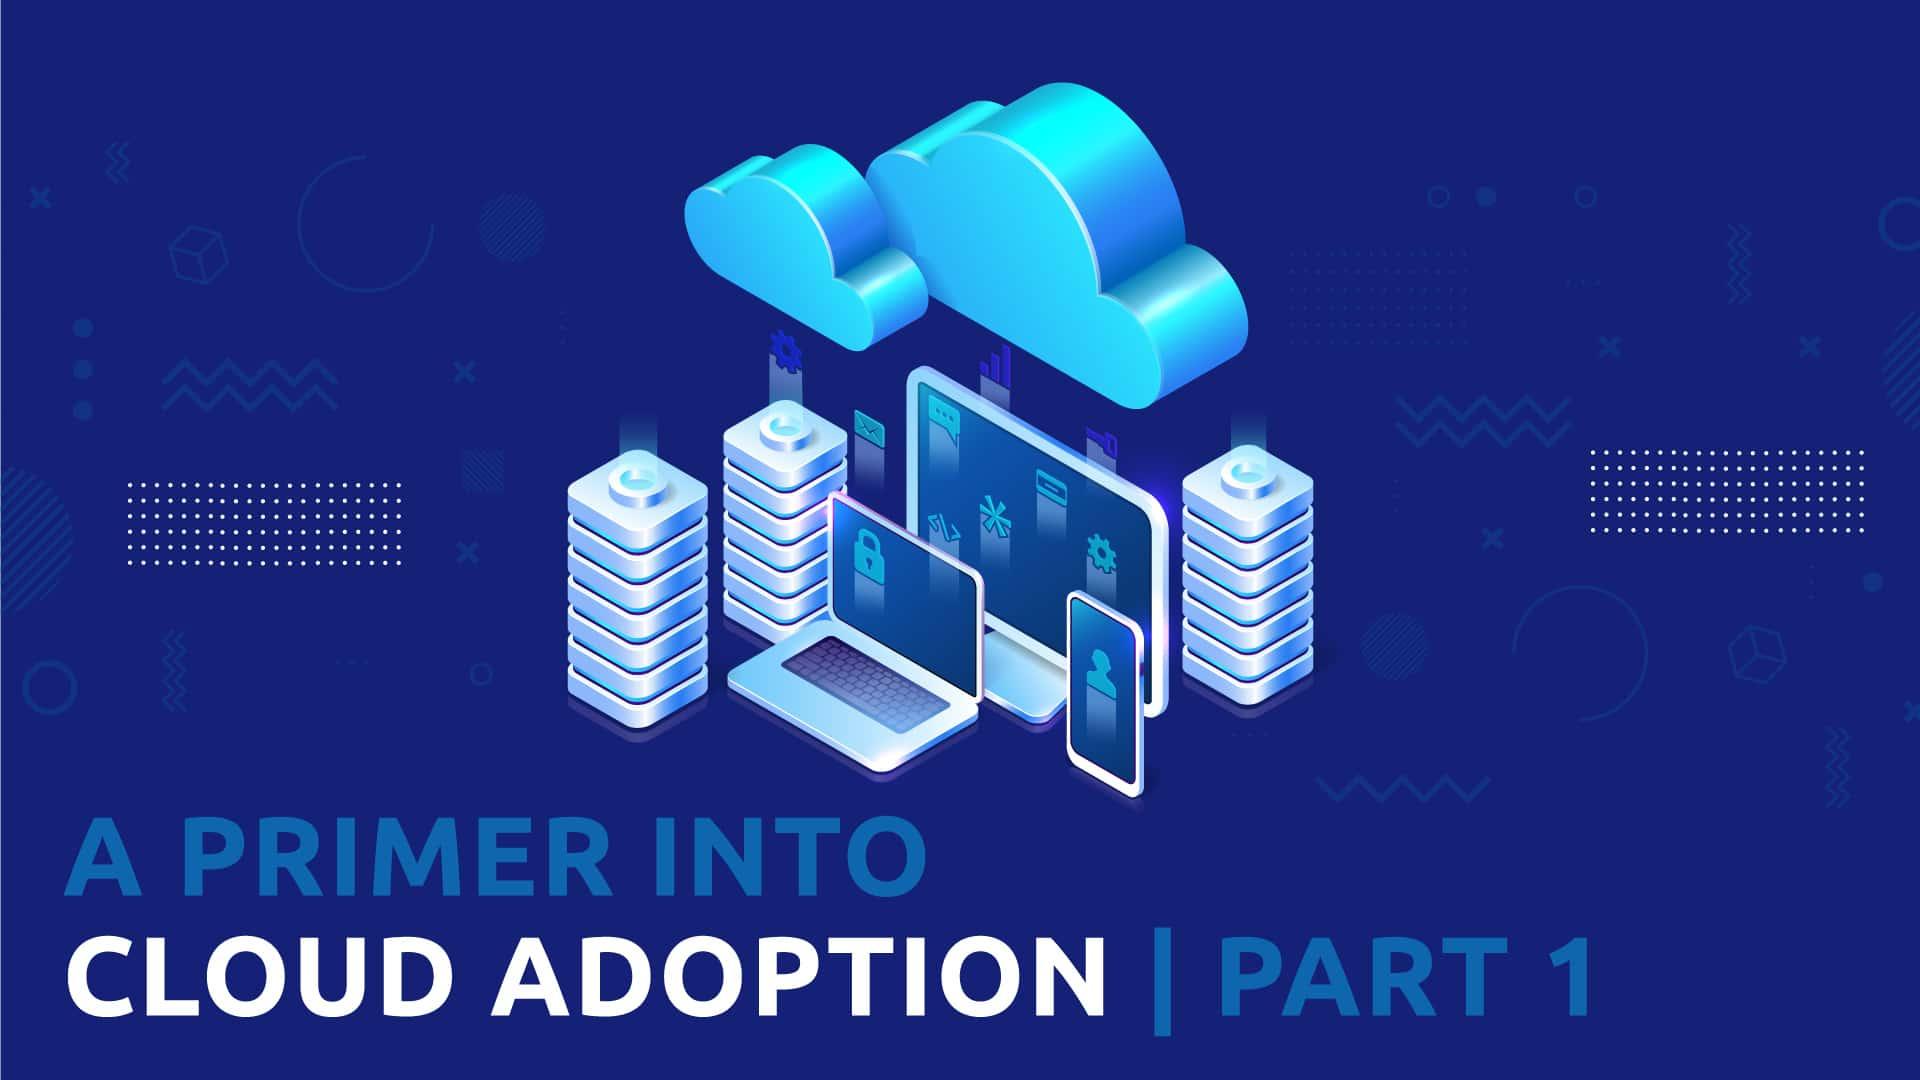 A Primer into Cloud Adoption Part 1